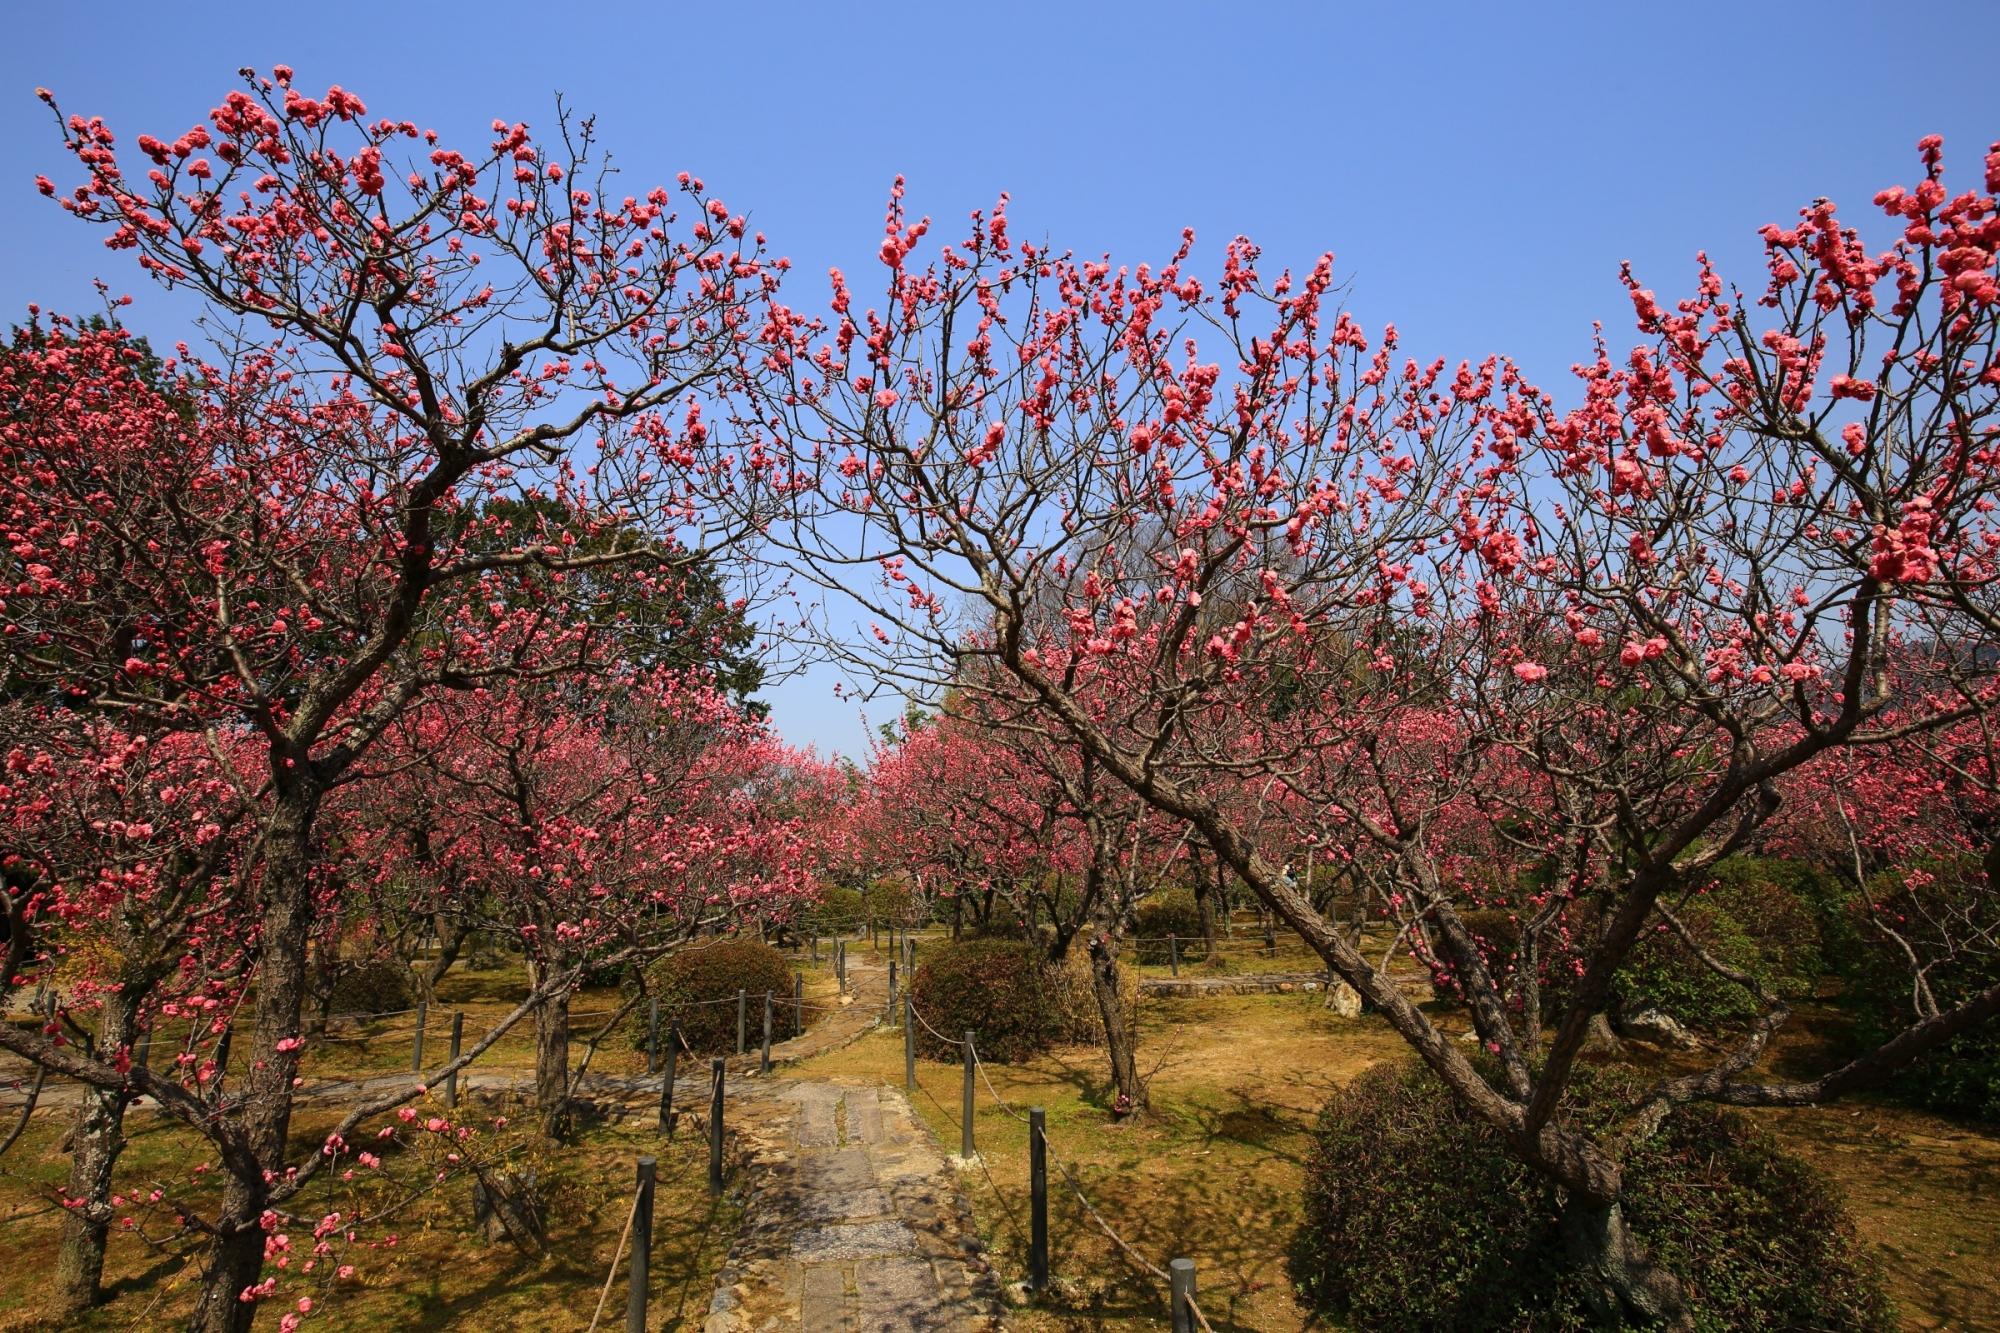 山科の隠れた梅の名所の随心院の小野梅園